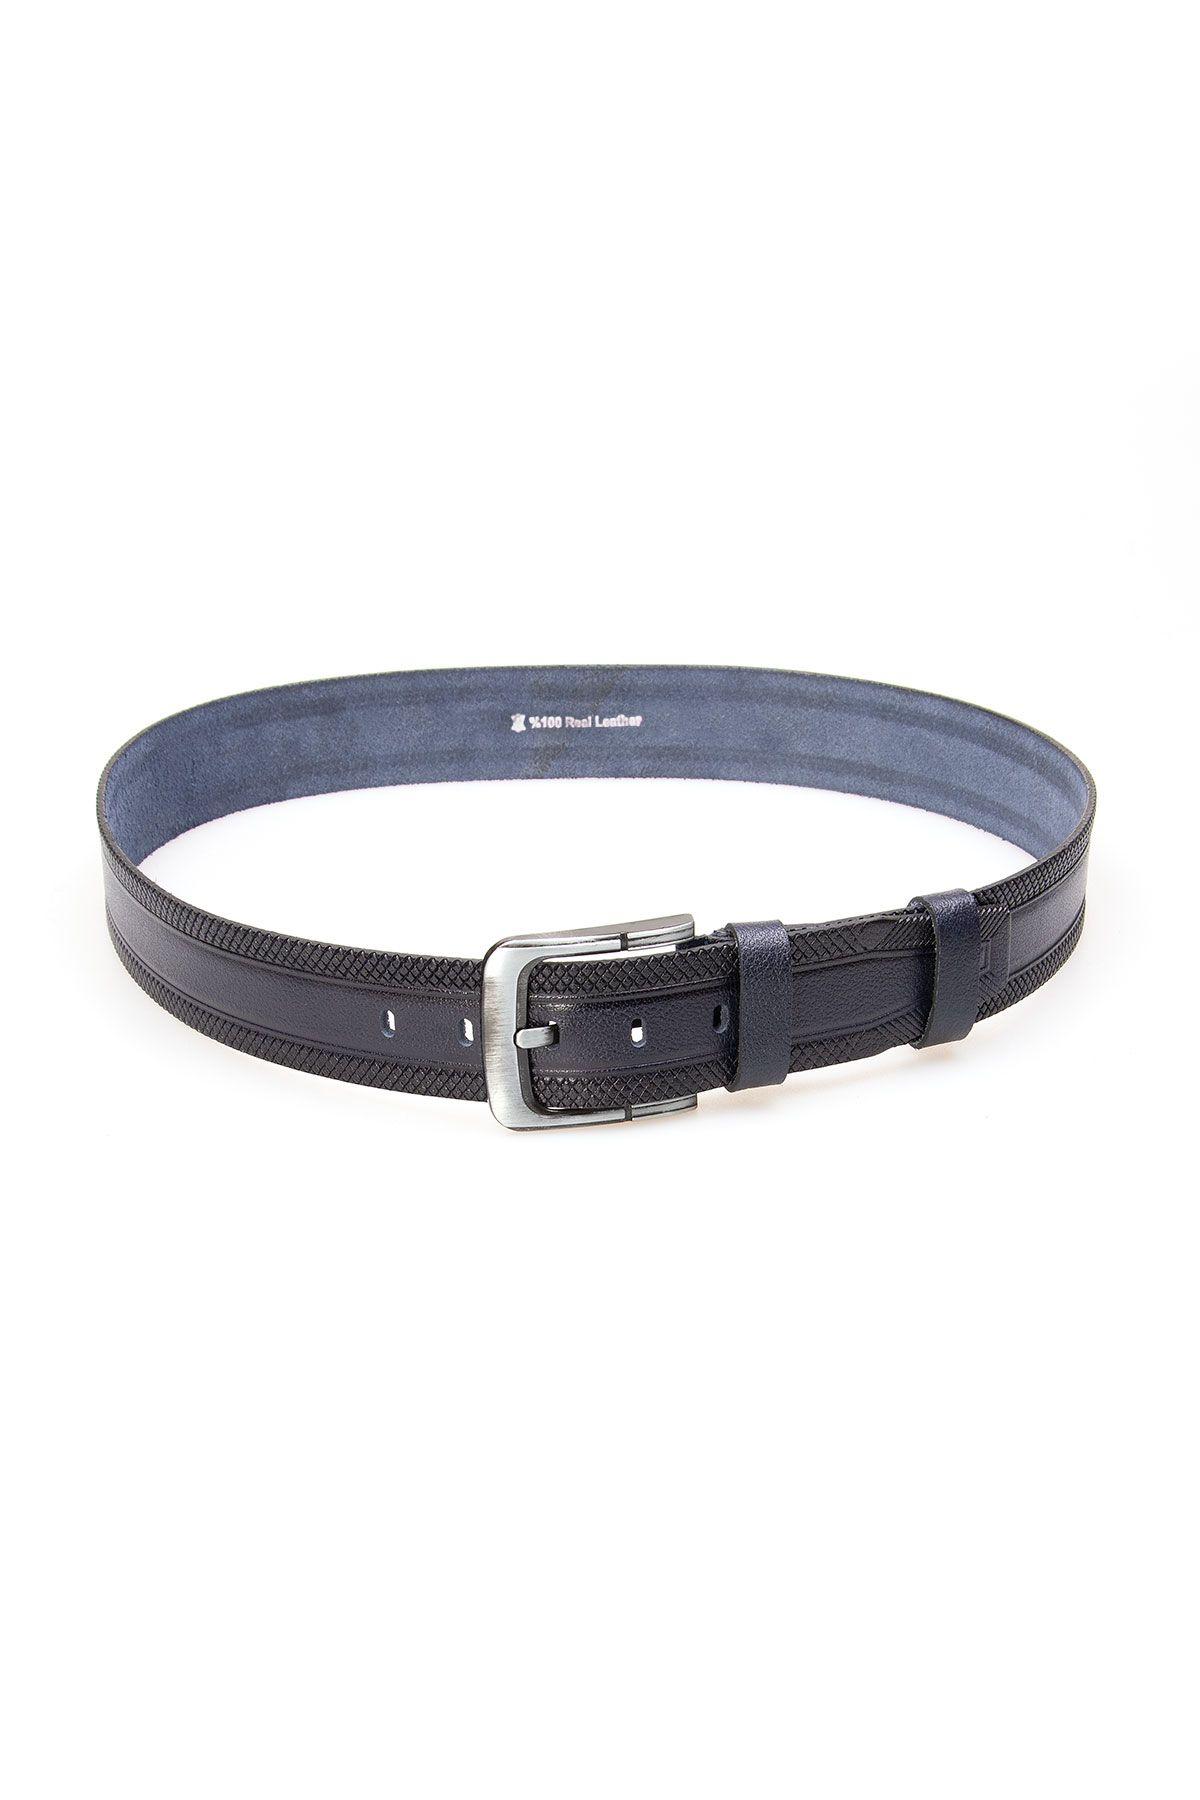 Pegia Men's Genuine Leather Belt 19KMR07 Navy blue